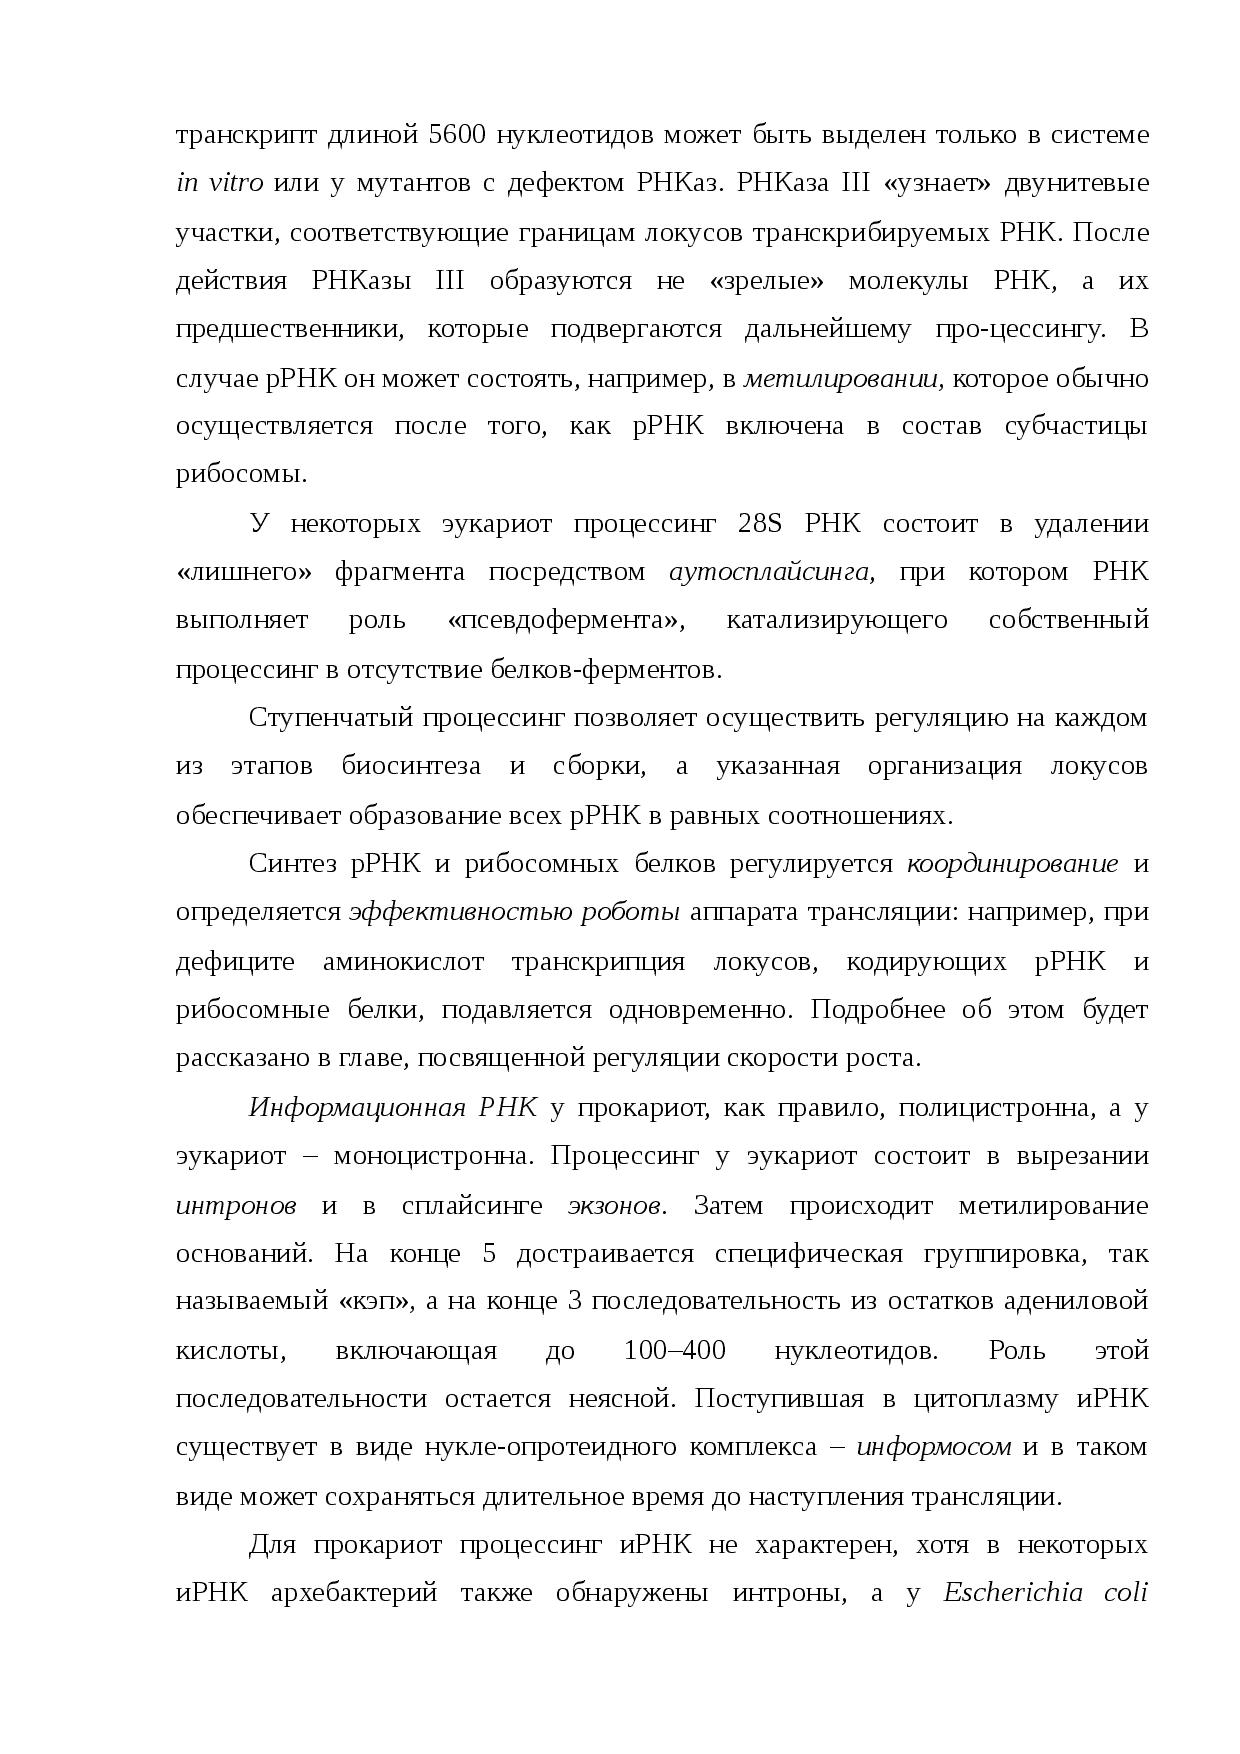 Транскрипция (биология) википедия